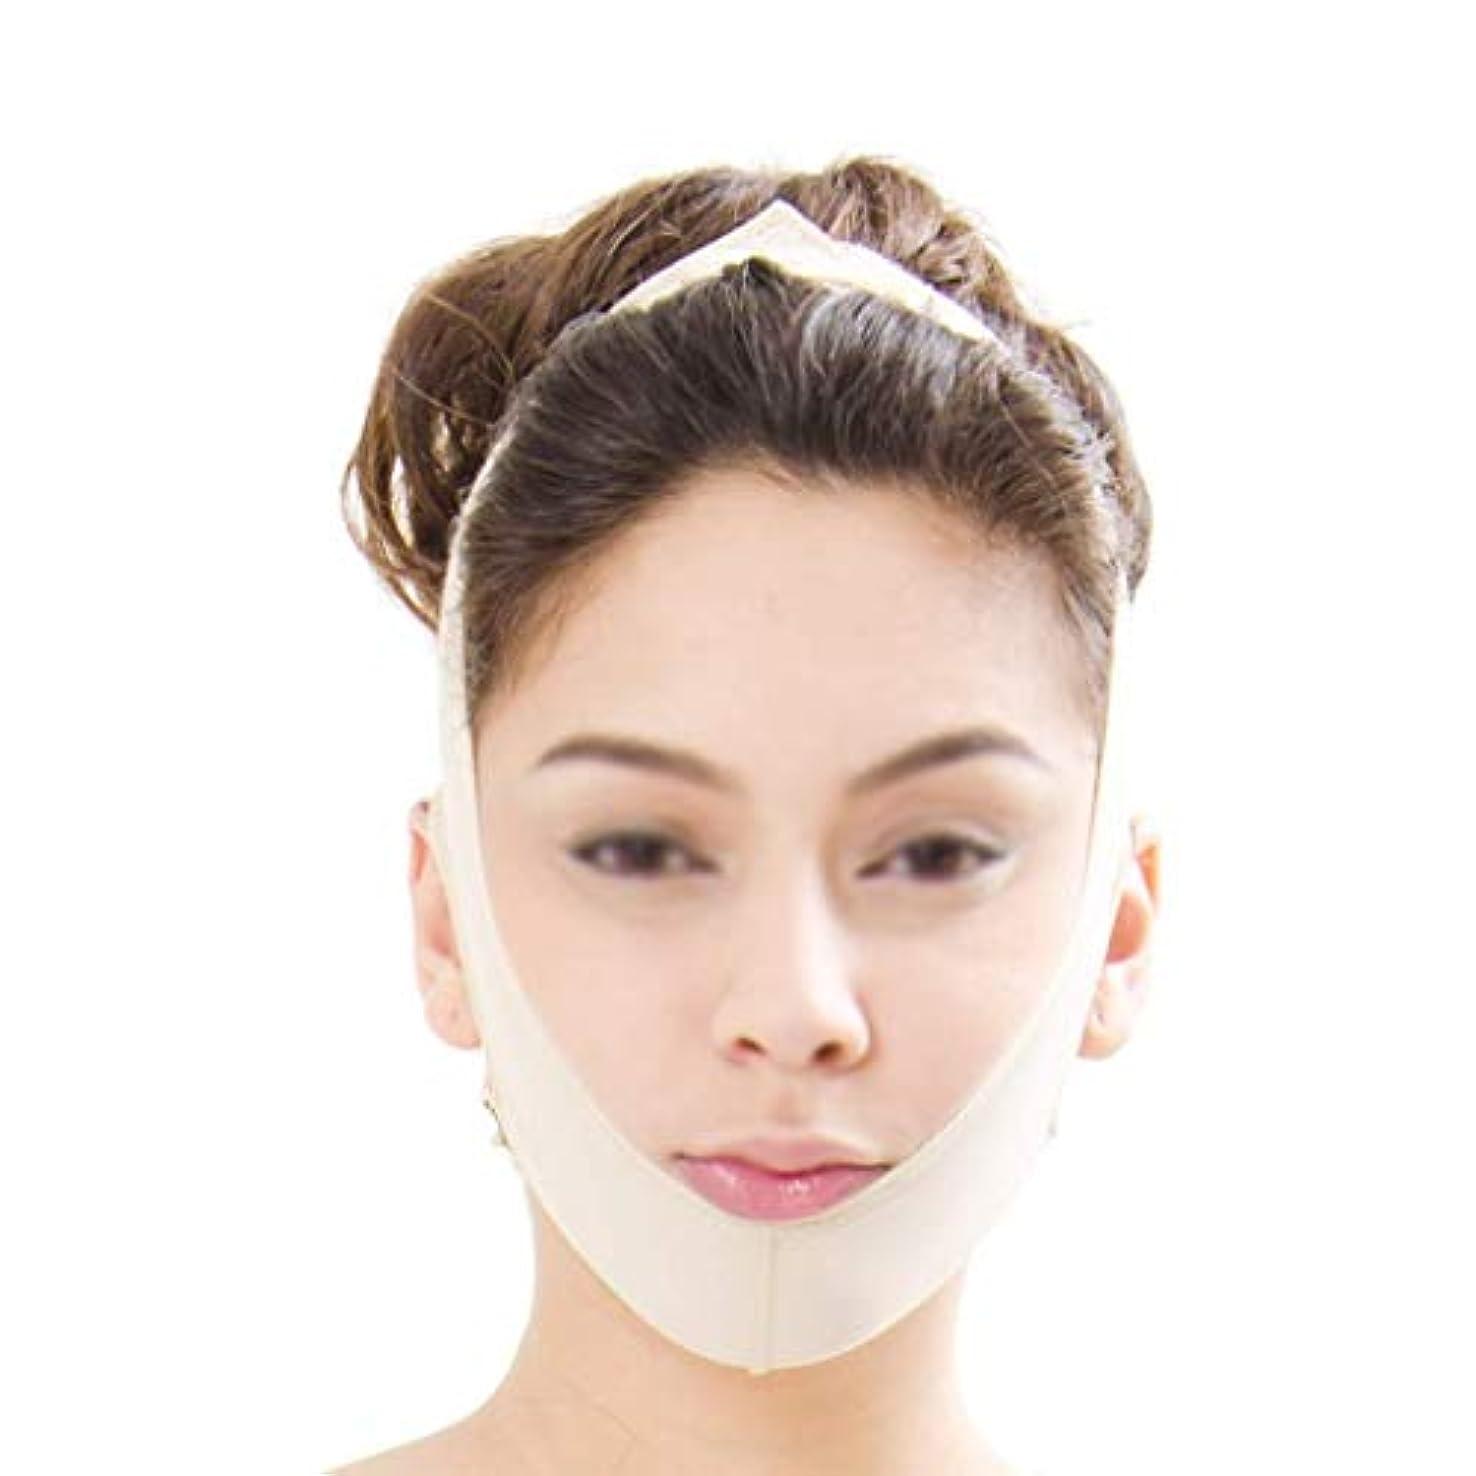 考案する群がる発行フェイススリミングバンデージ、フェイスリフティングマスク、フェイスリフティングバンデージ、フェイシャル減量マスク、ダブルチンケア減量(サイズ:M),XL